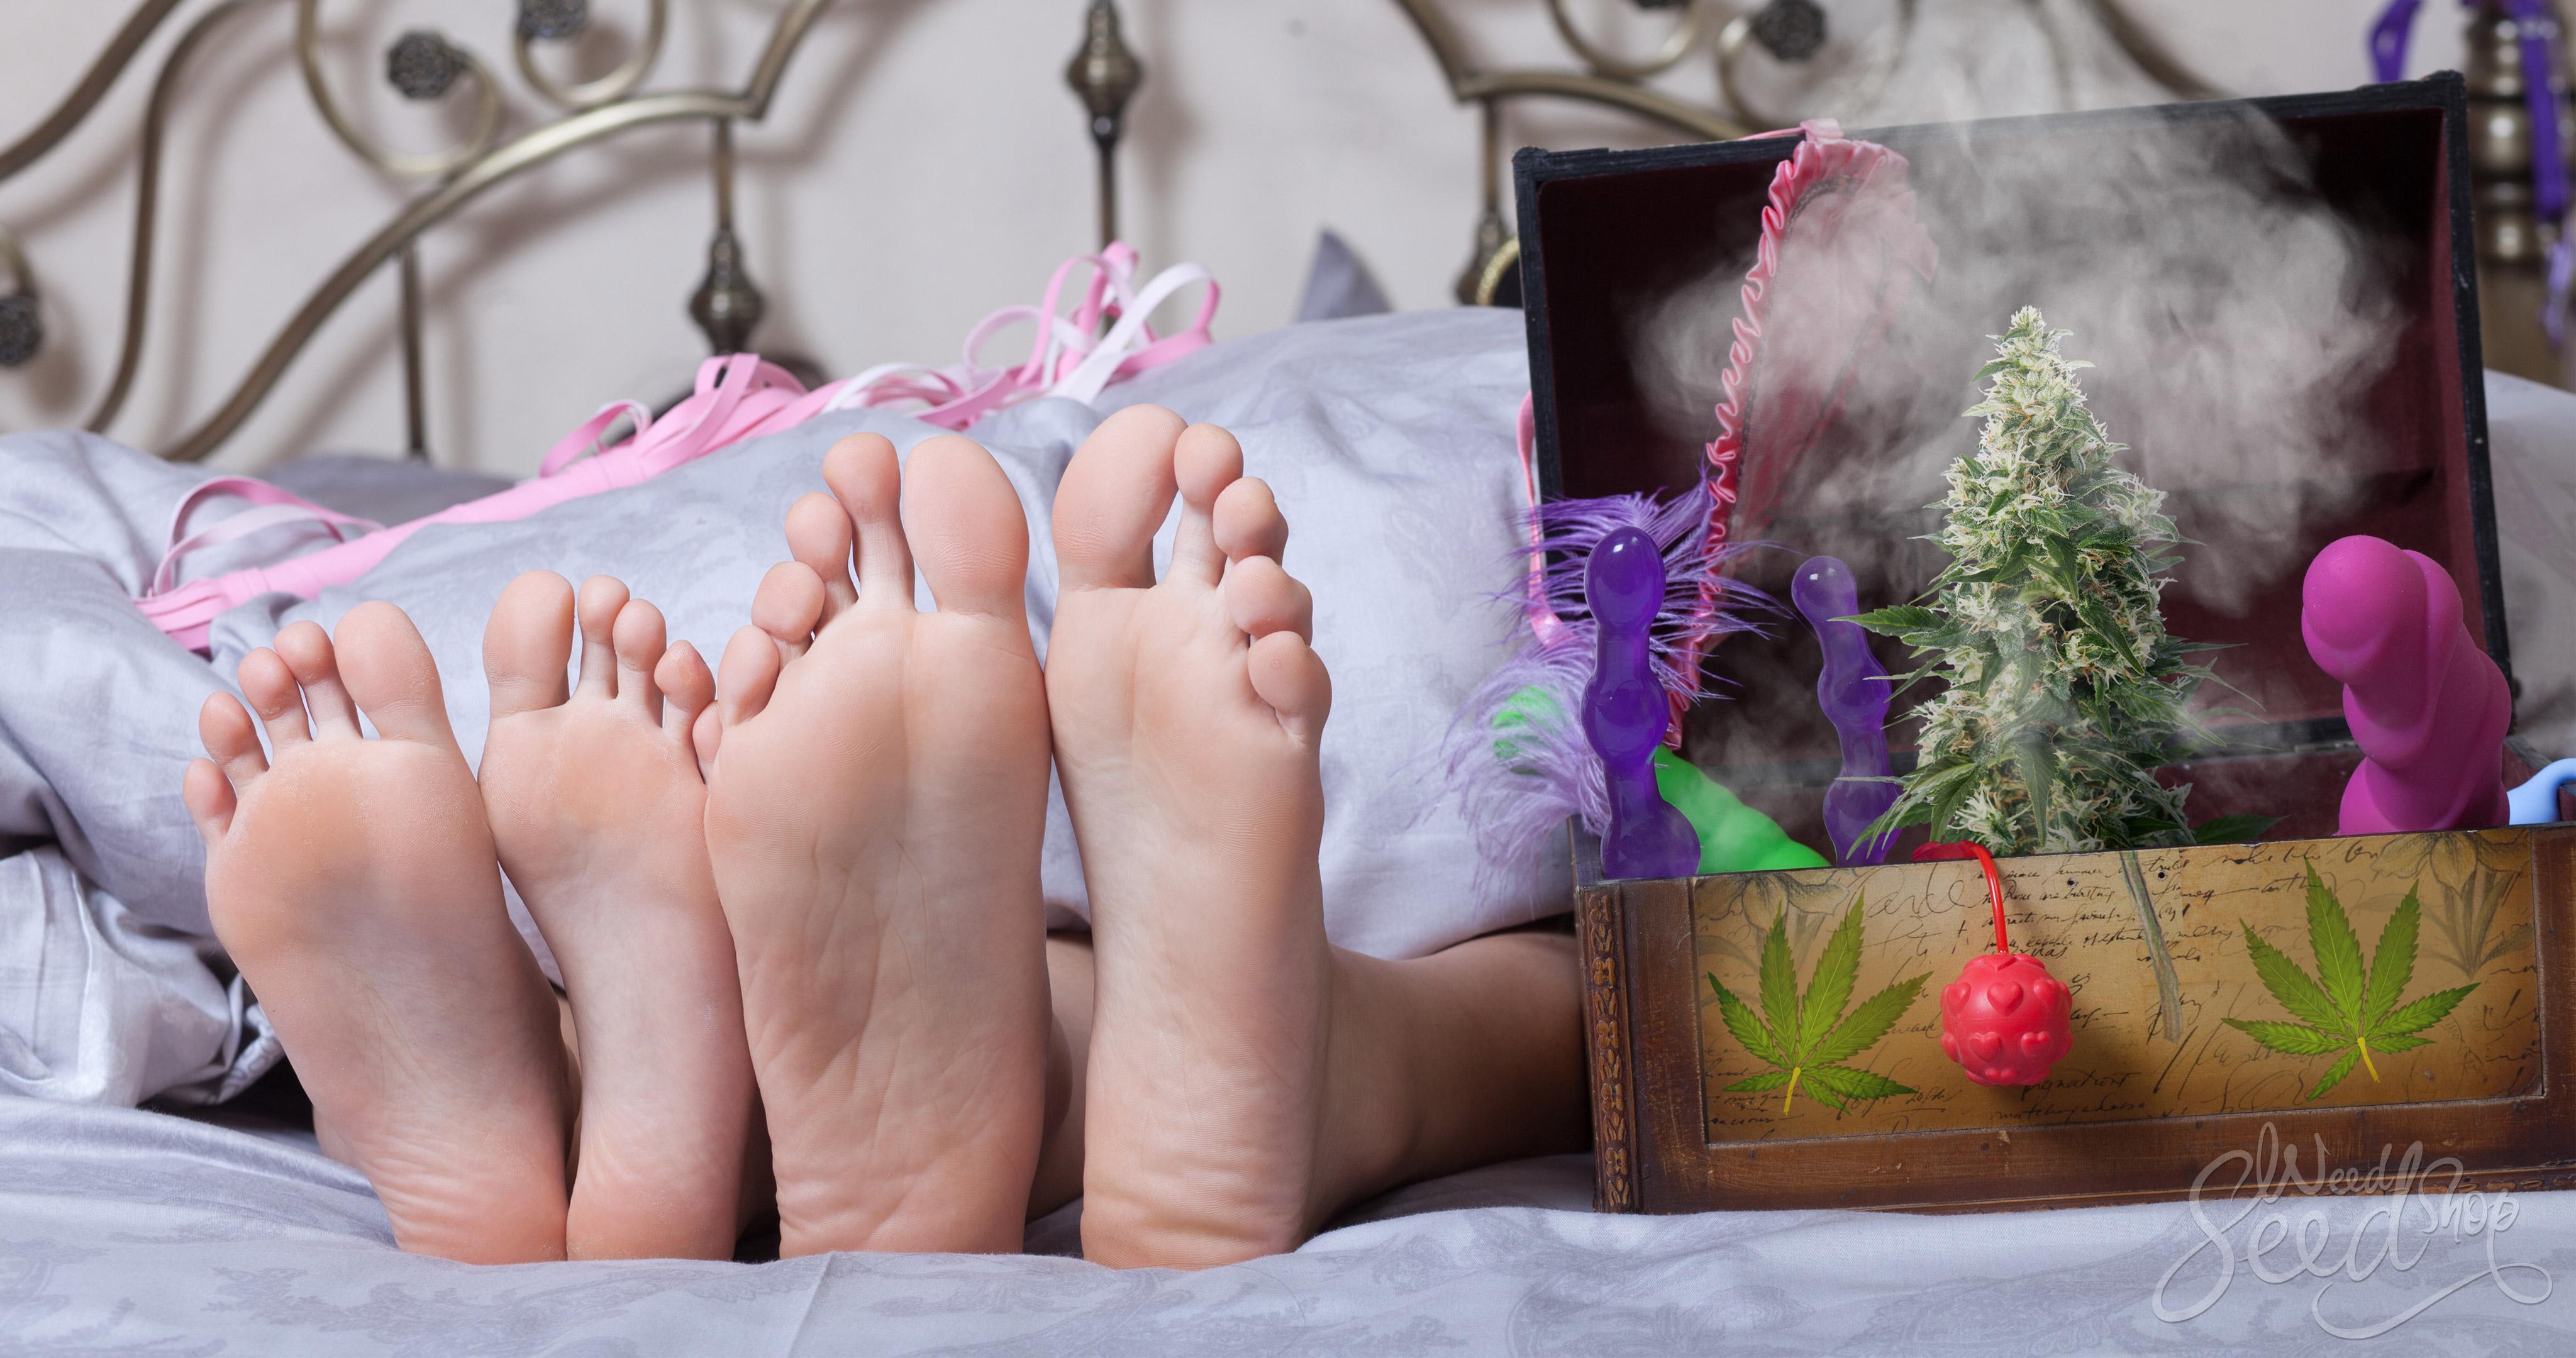 Plan à 3 avec Marie-Jeanne - Les 5 meilleurs produits sexuels cannabiques - WeedSeedShop Blog